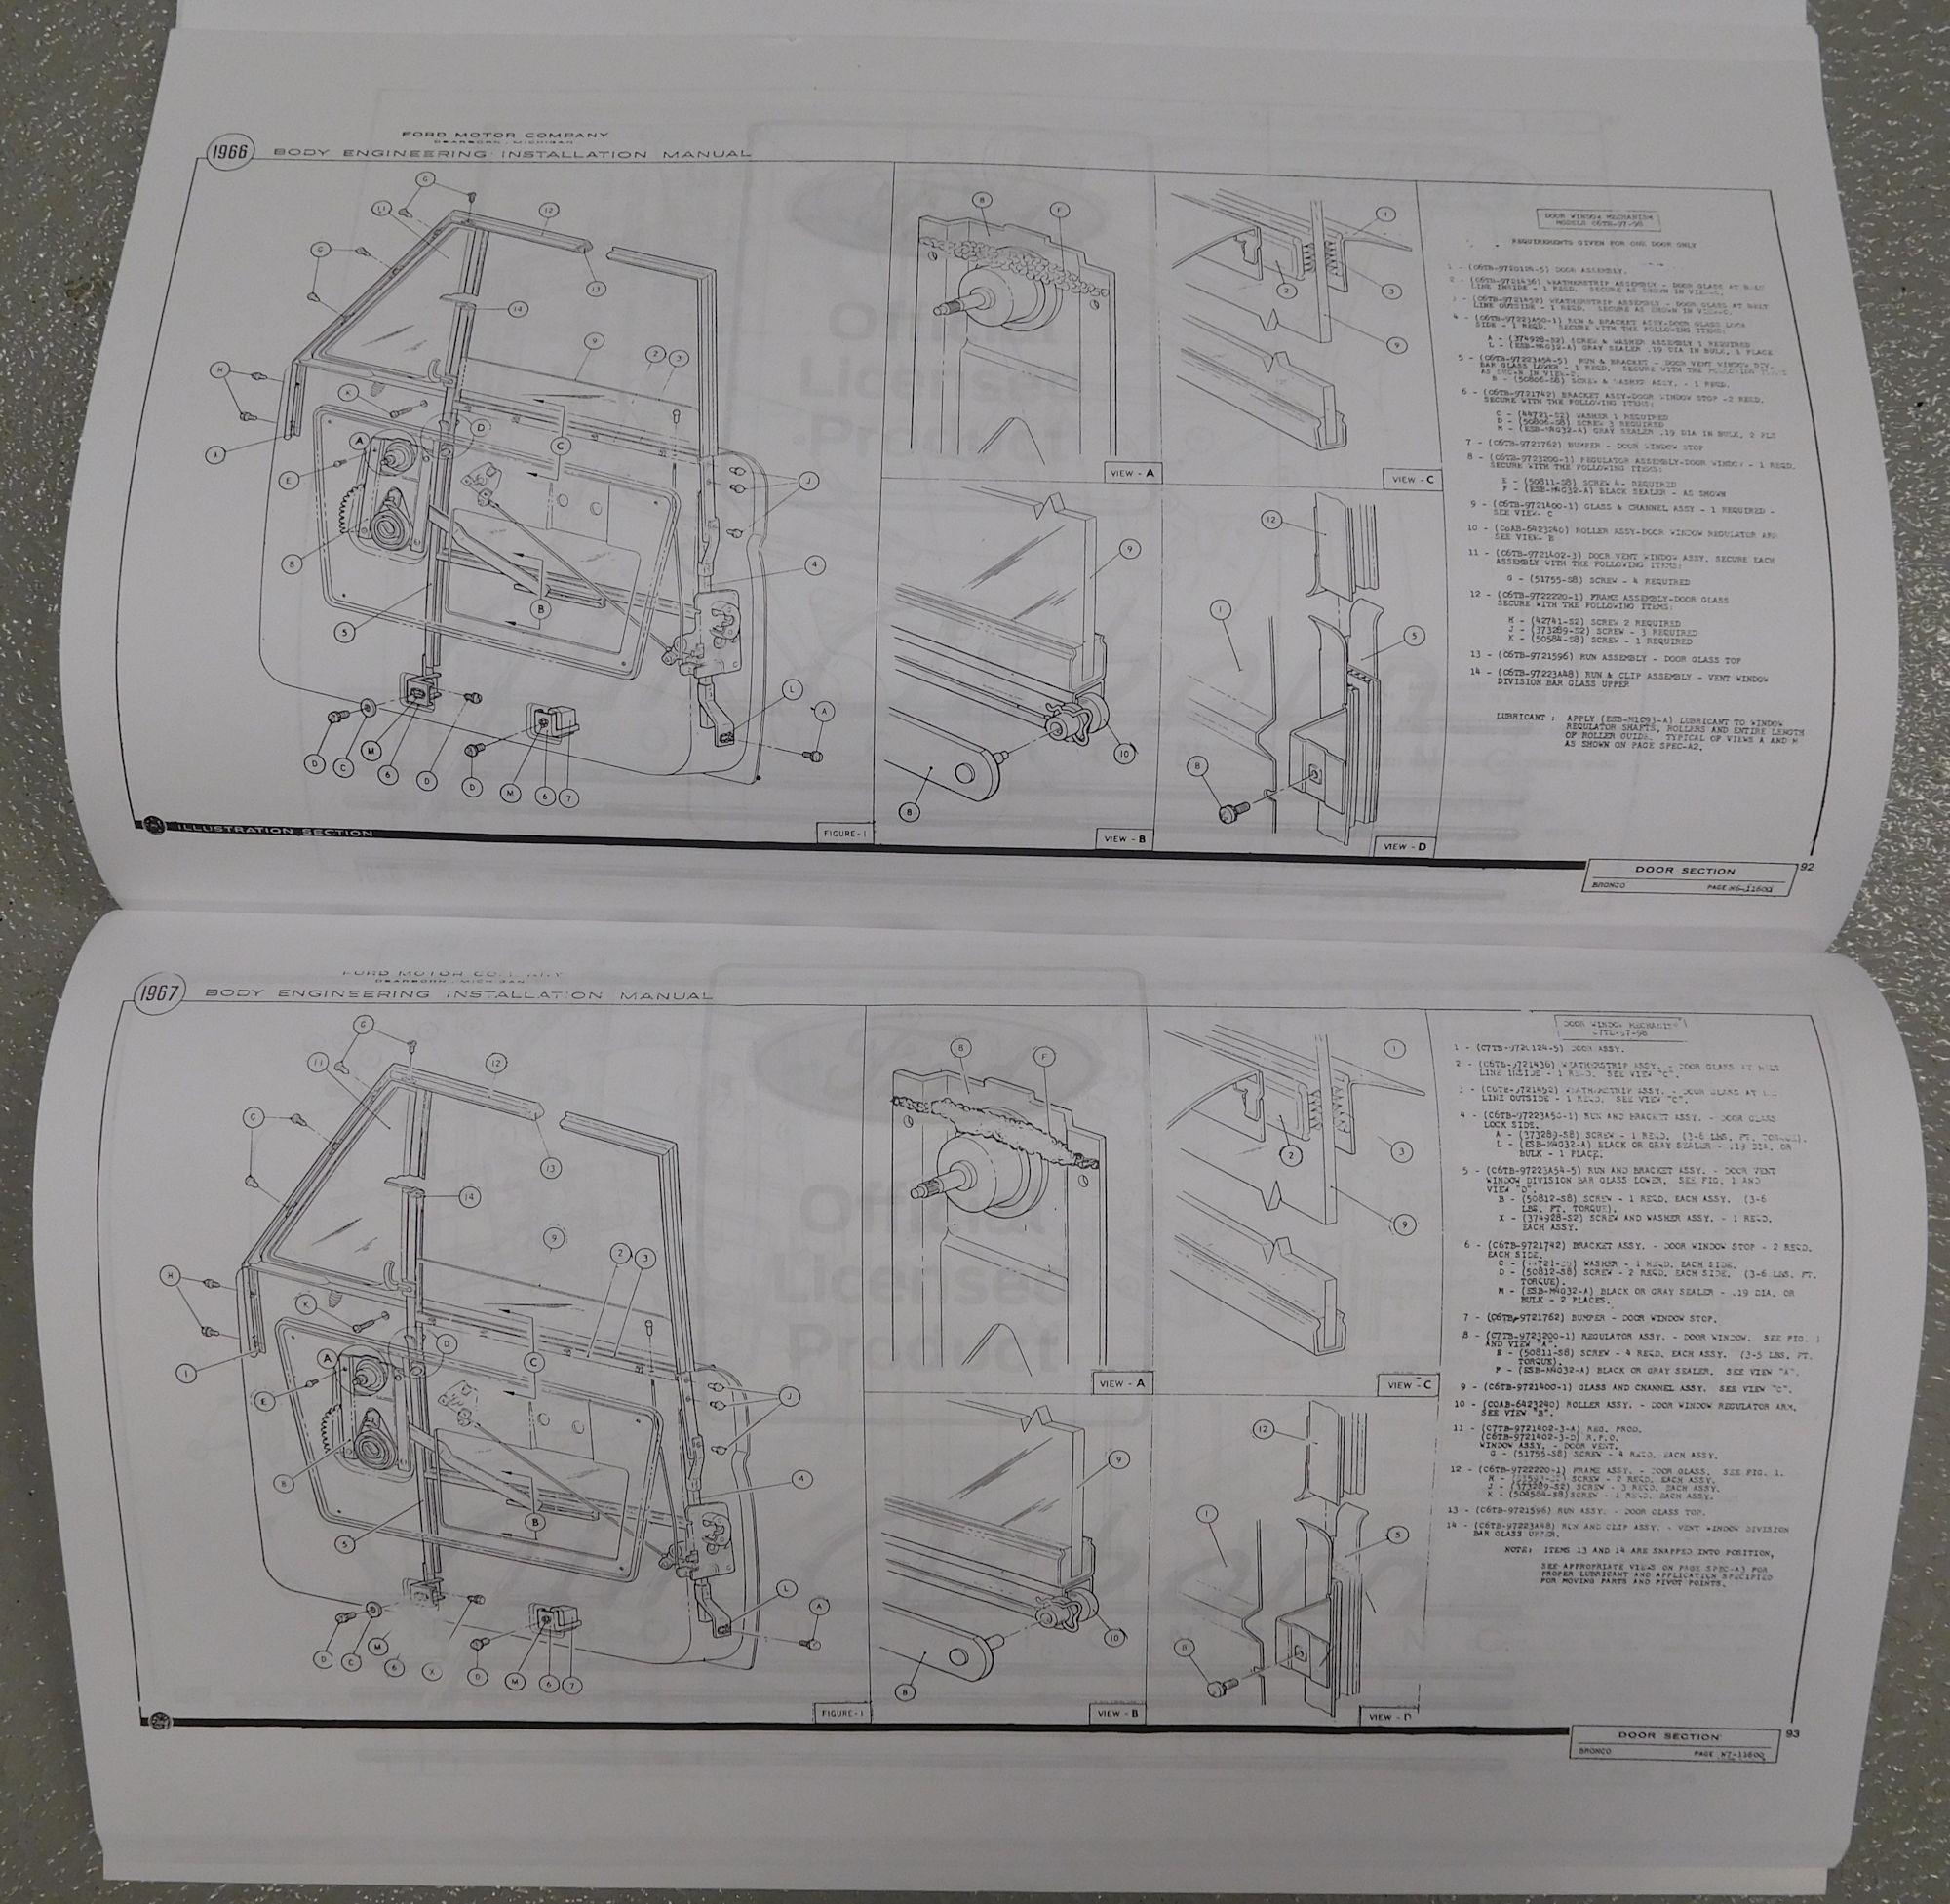 Bronco Body  U0026 Interior Assembly Manual